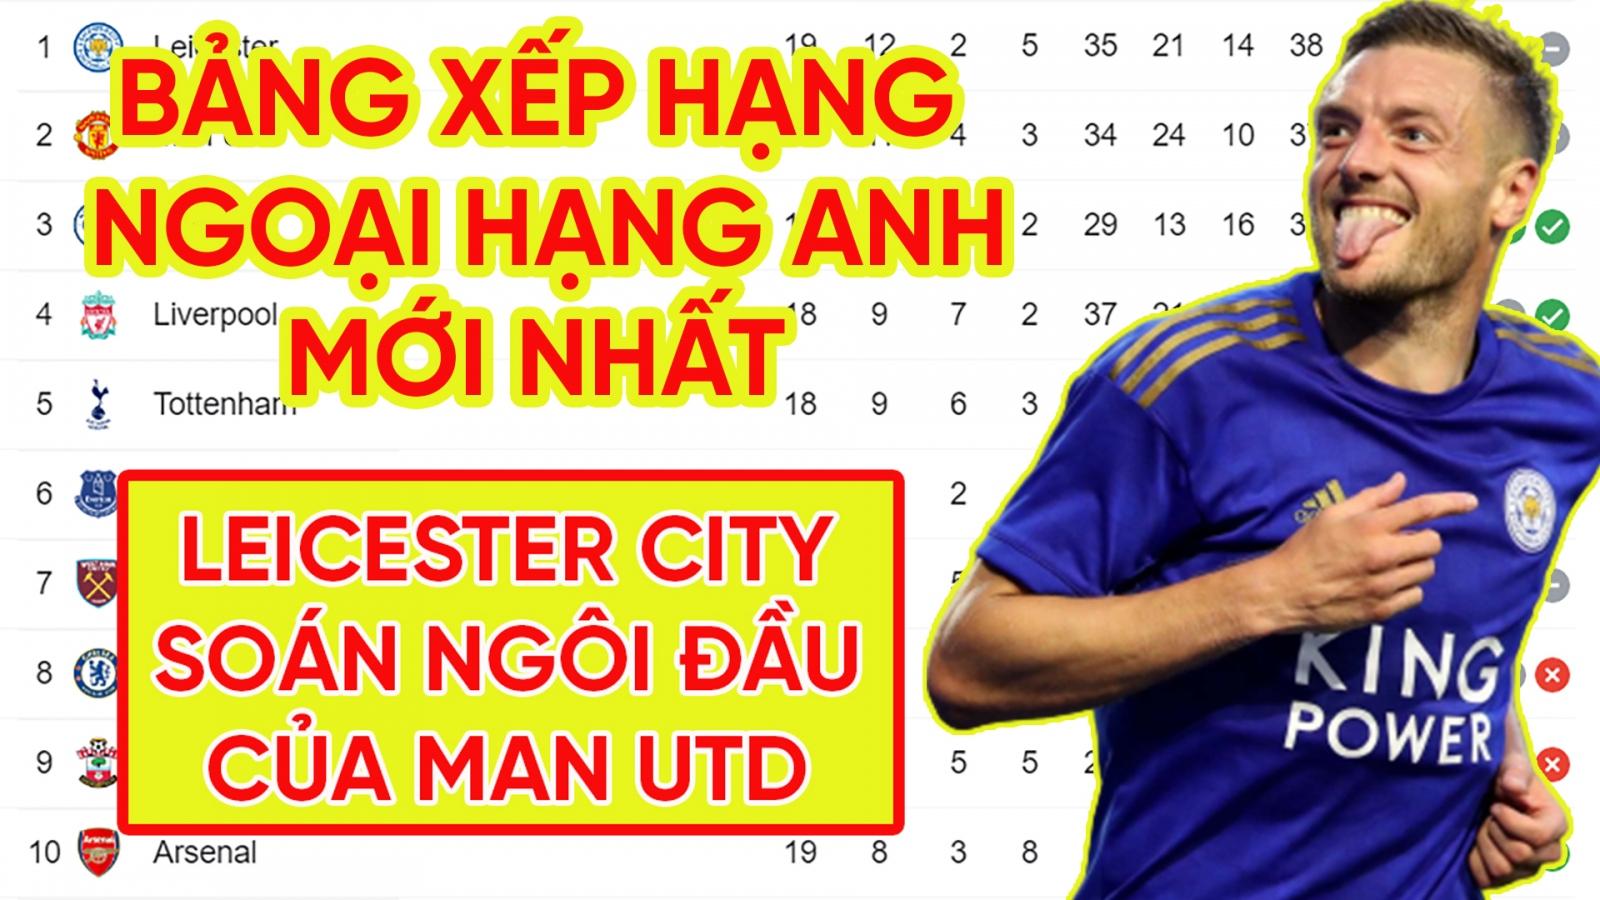 Bảng xếp hạng Ngoại hạng Anh mới nhất: Leicester City chiếm ngôi đầu của MU